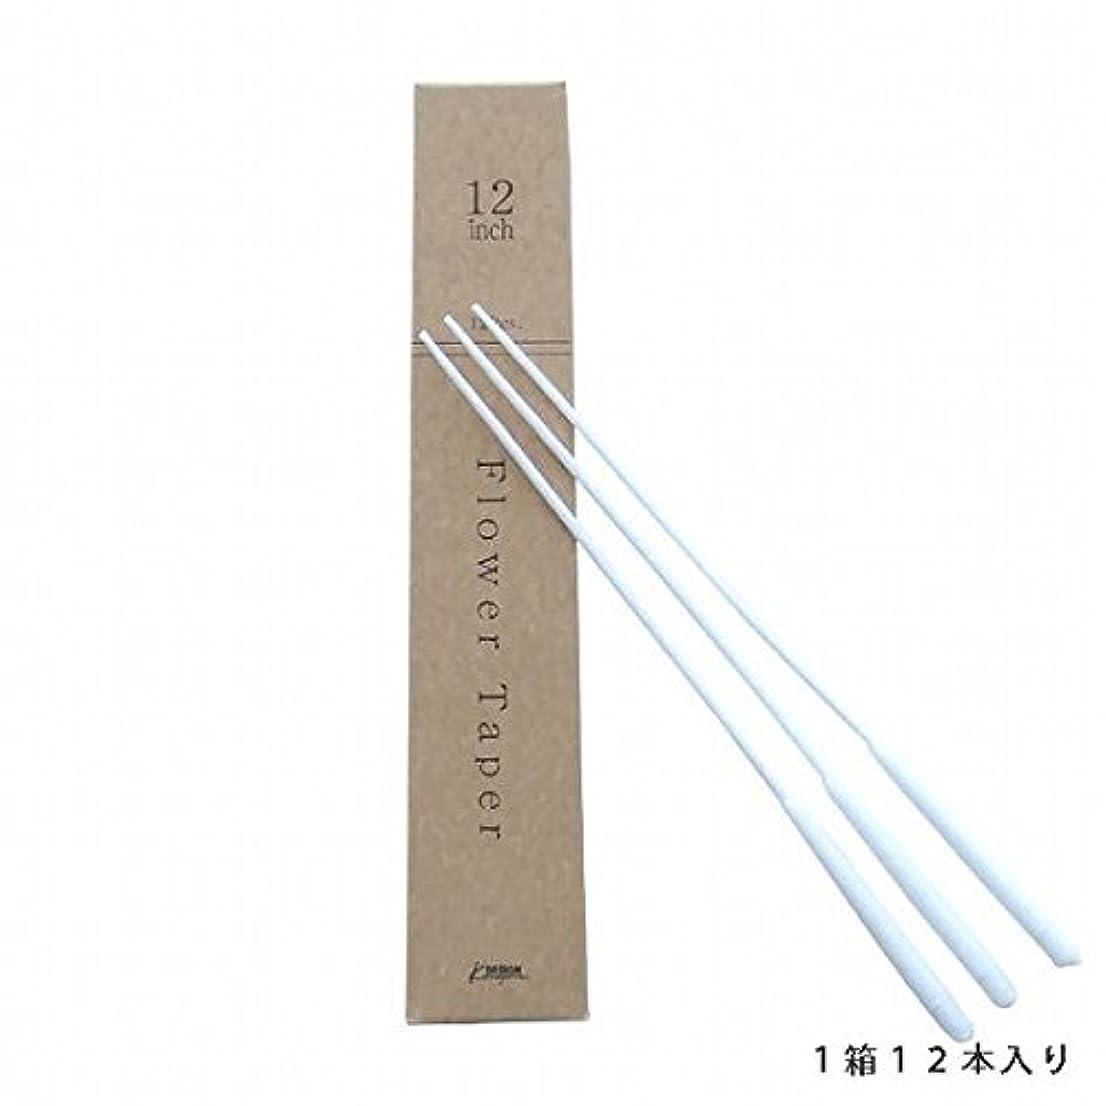 関係ない追い出す無知kameyama candle(カメヤマキャンドル) 12インチトーチ用フラワーテーパー12本入 「 ホワイト 」(72339900W)